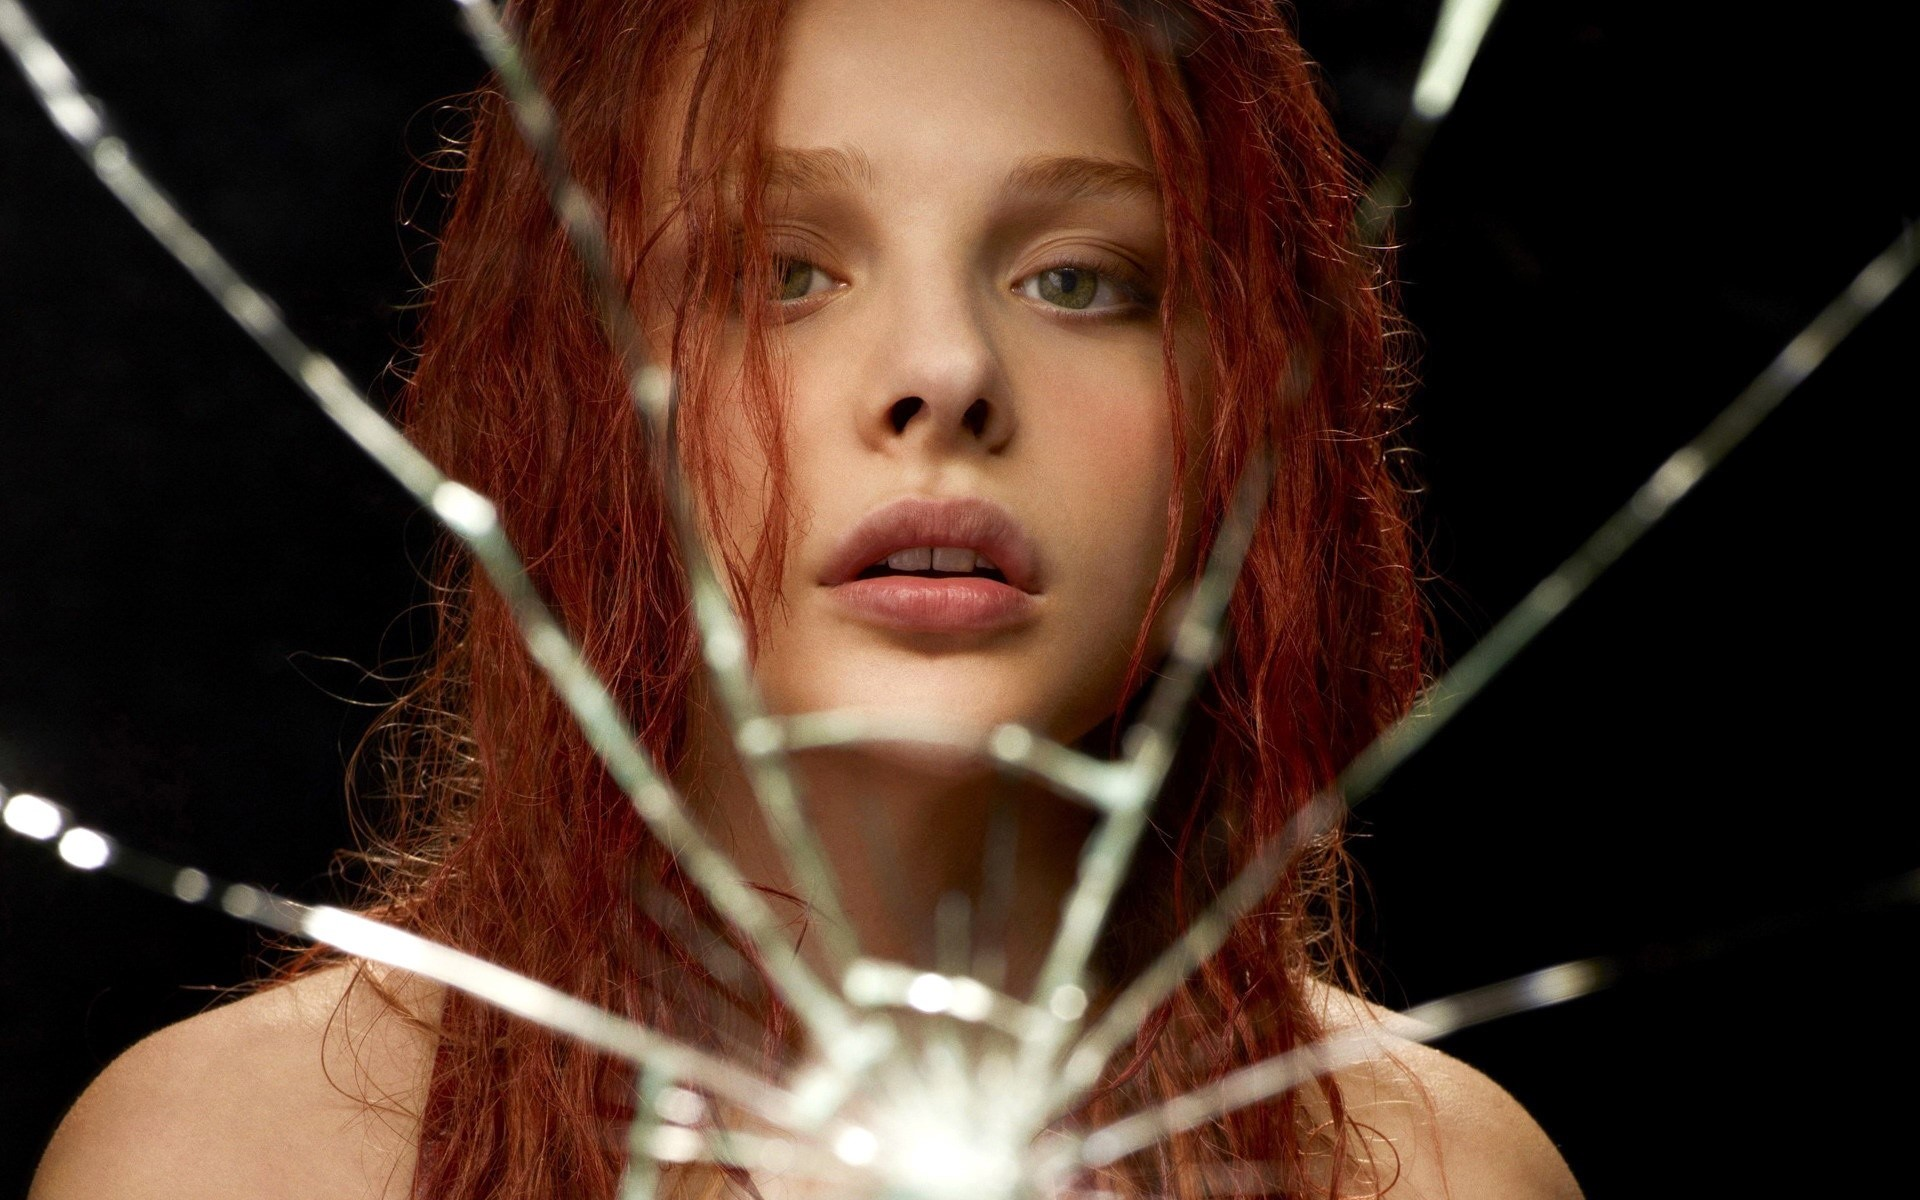 Wallpaper Chloe Moretz as Carrie